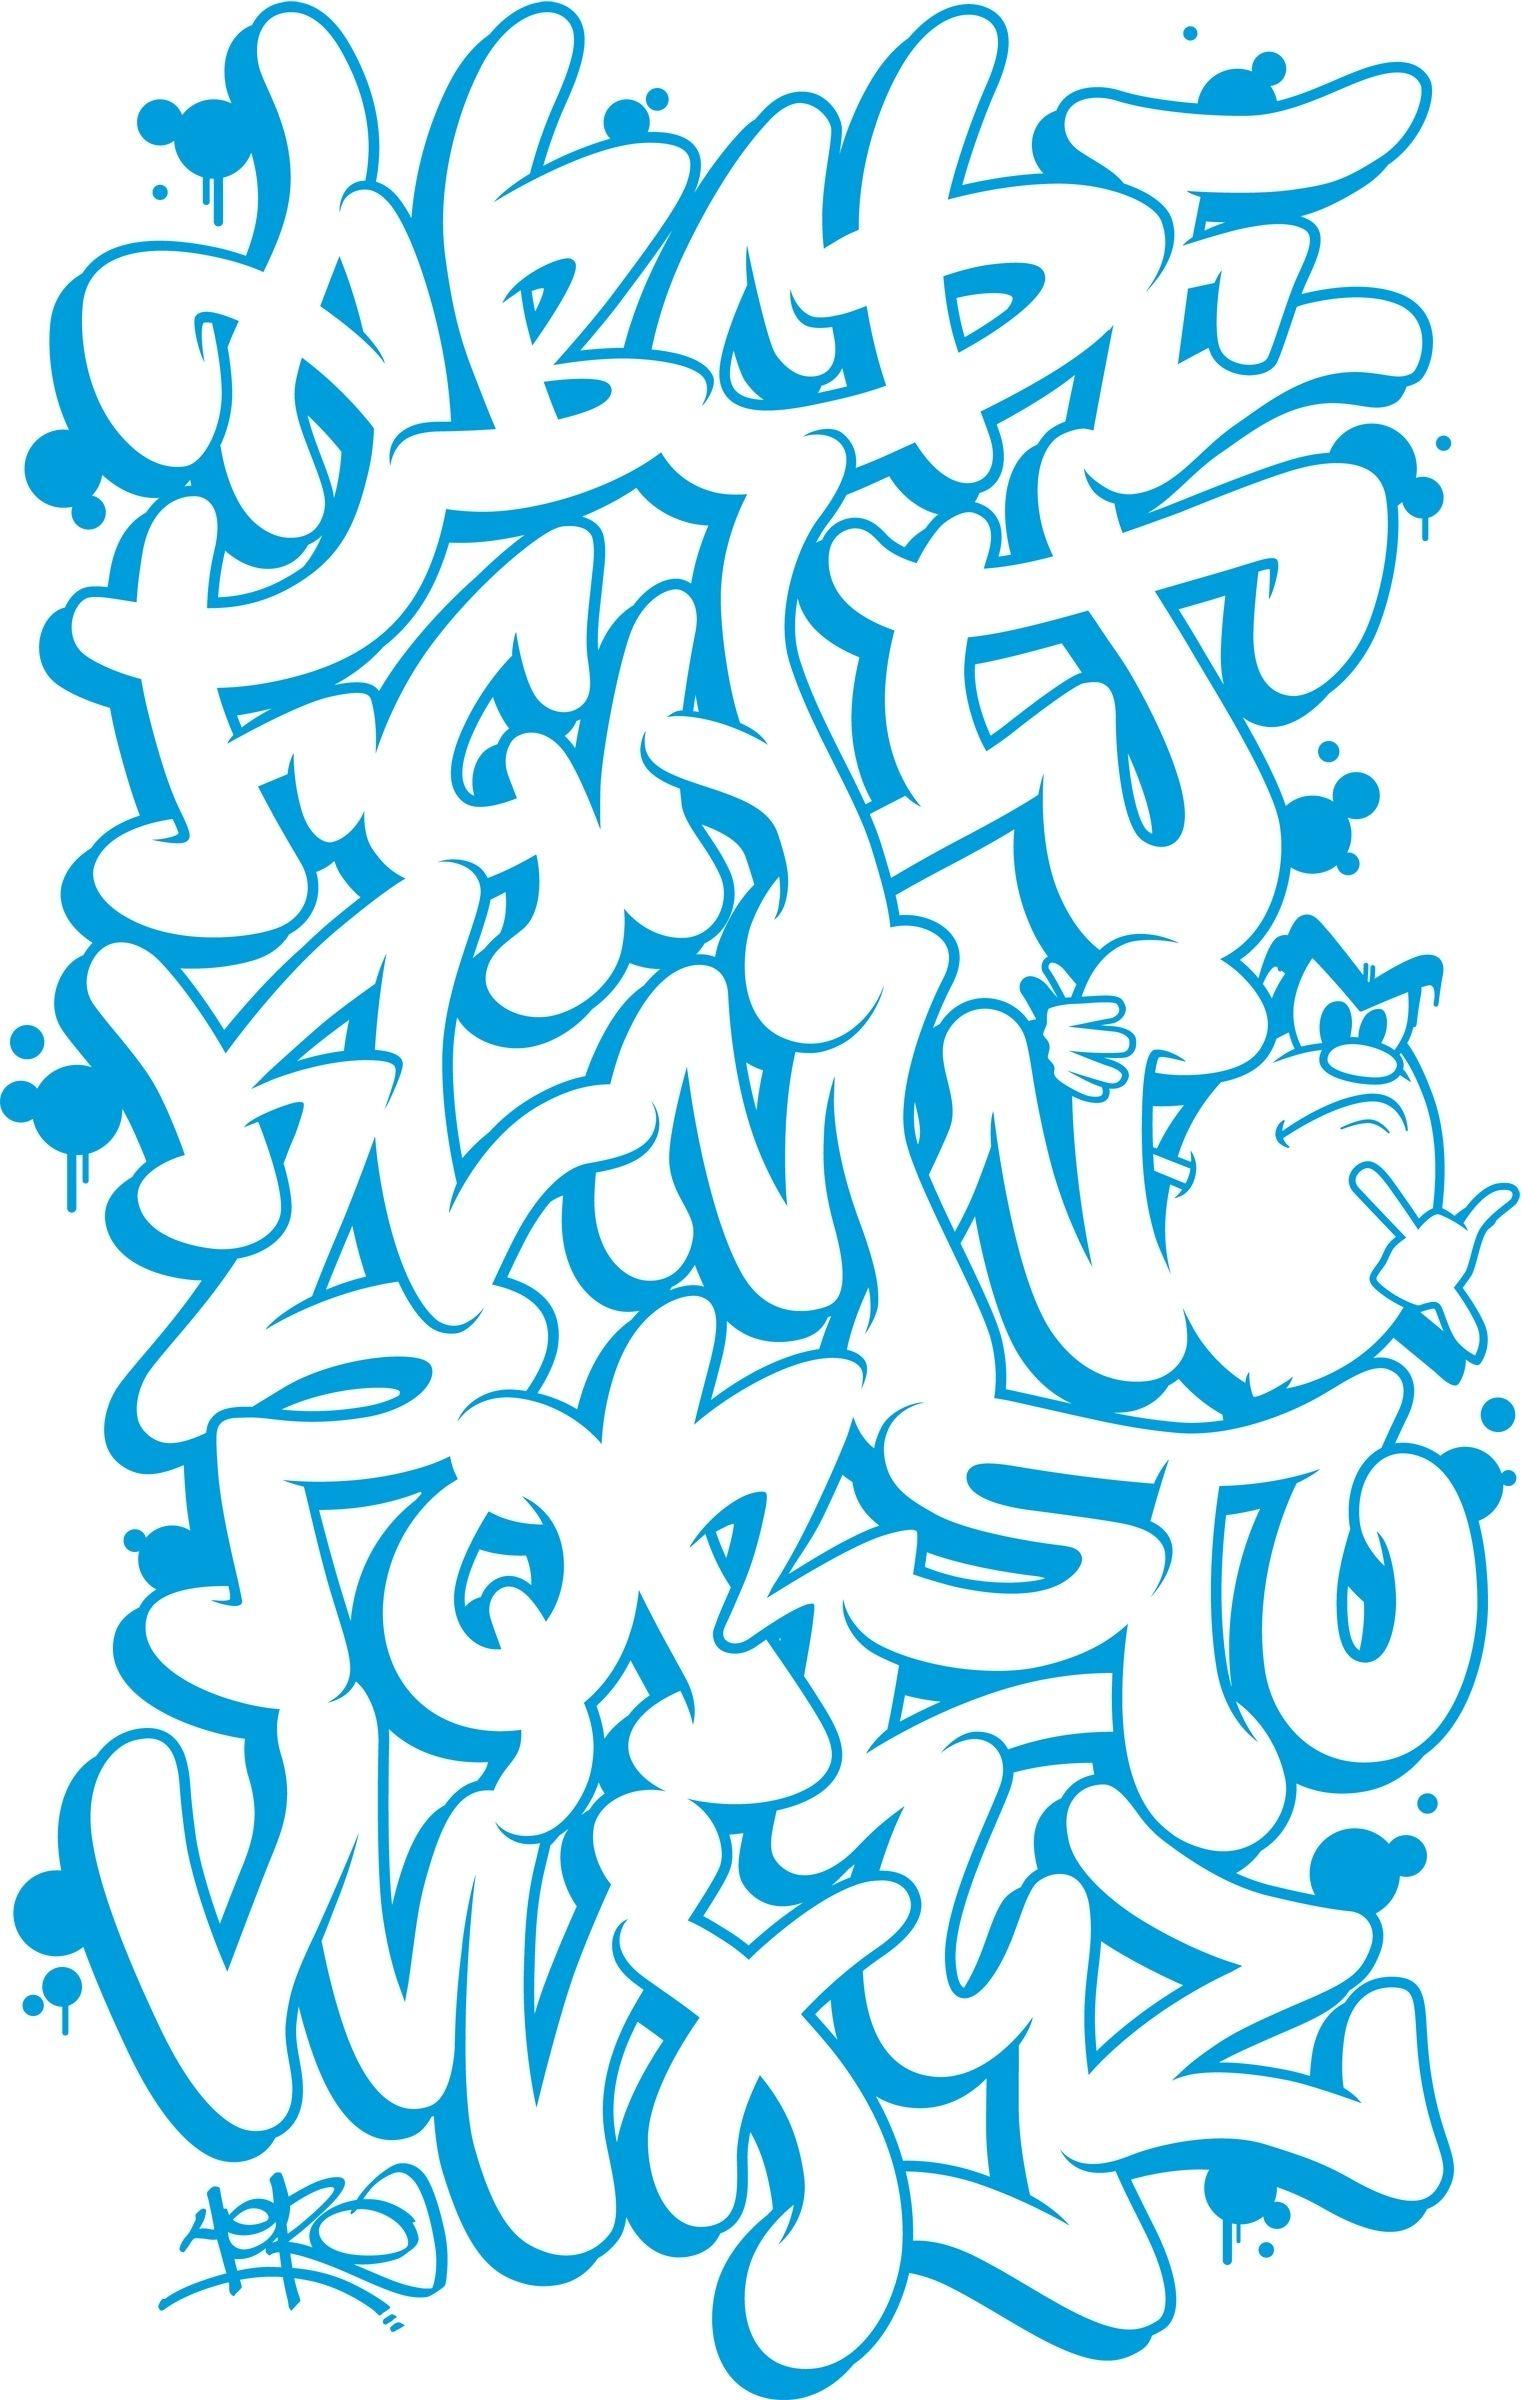 Graffiti Throw Up Letters Graffiti Graffiti Lettering Graffiti Lettering Fonts Graffiti Alphabet